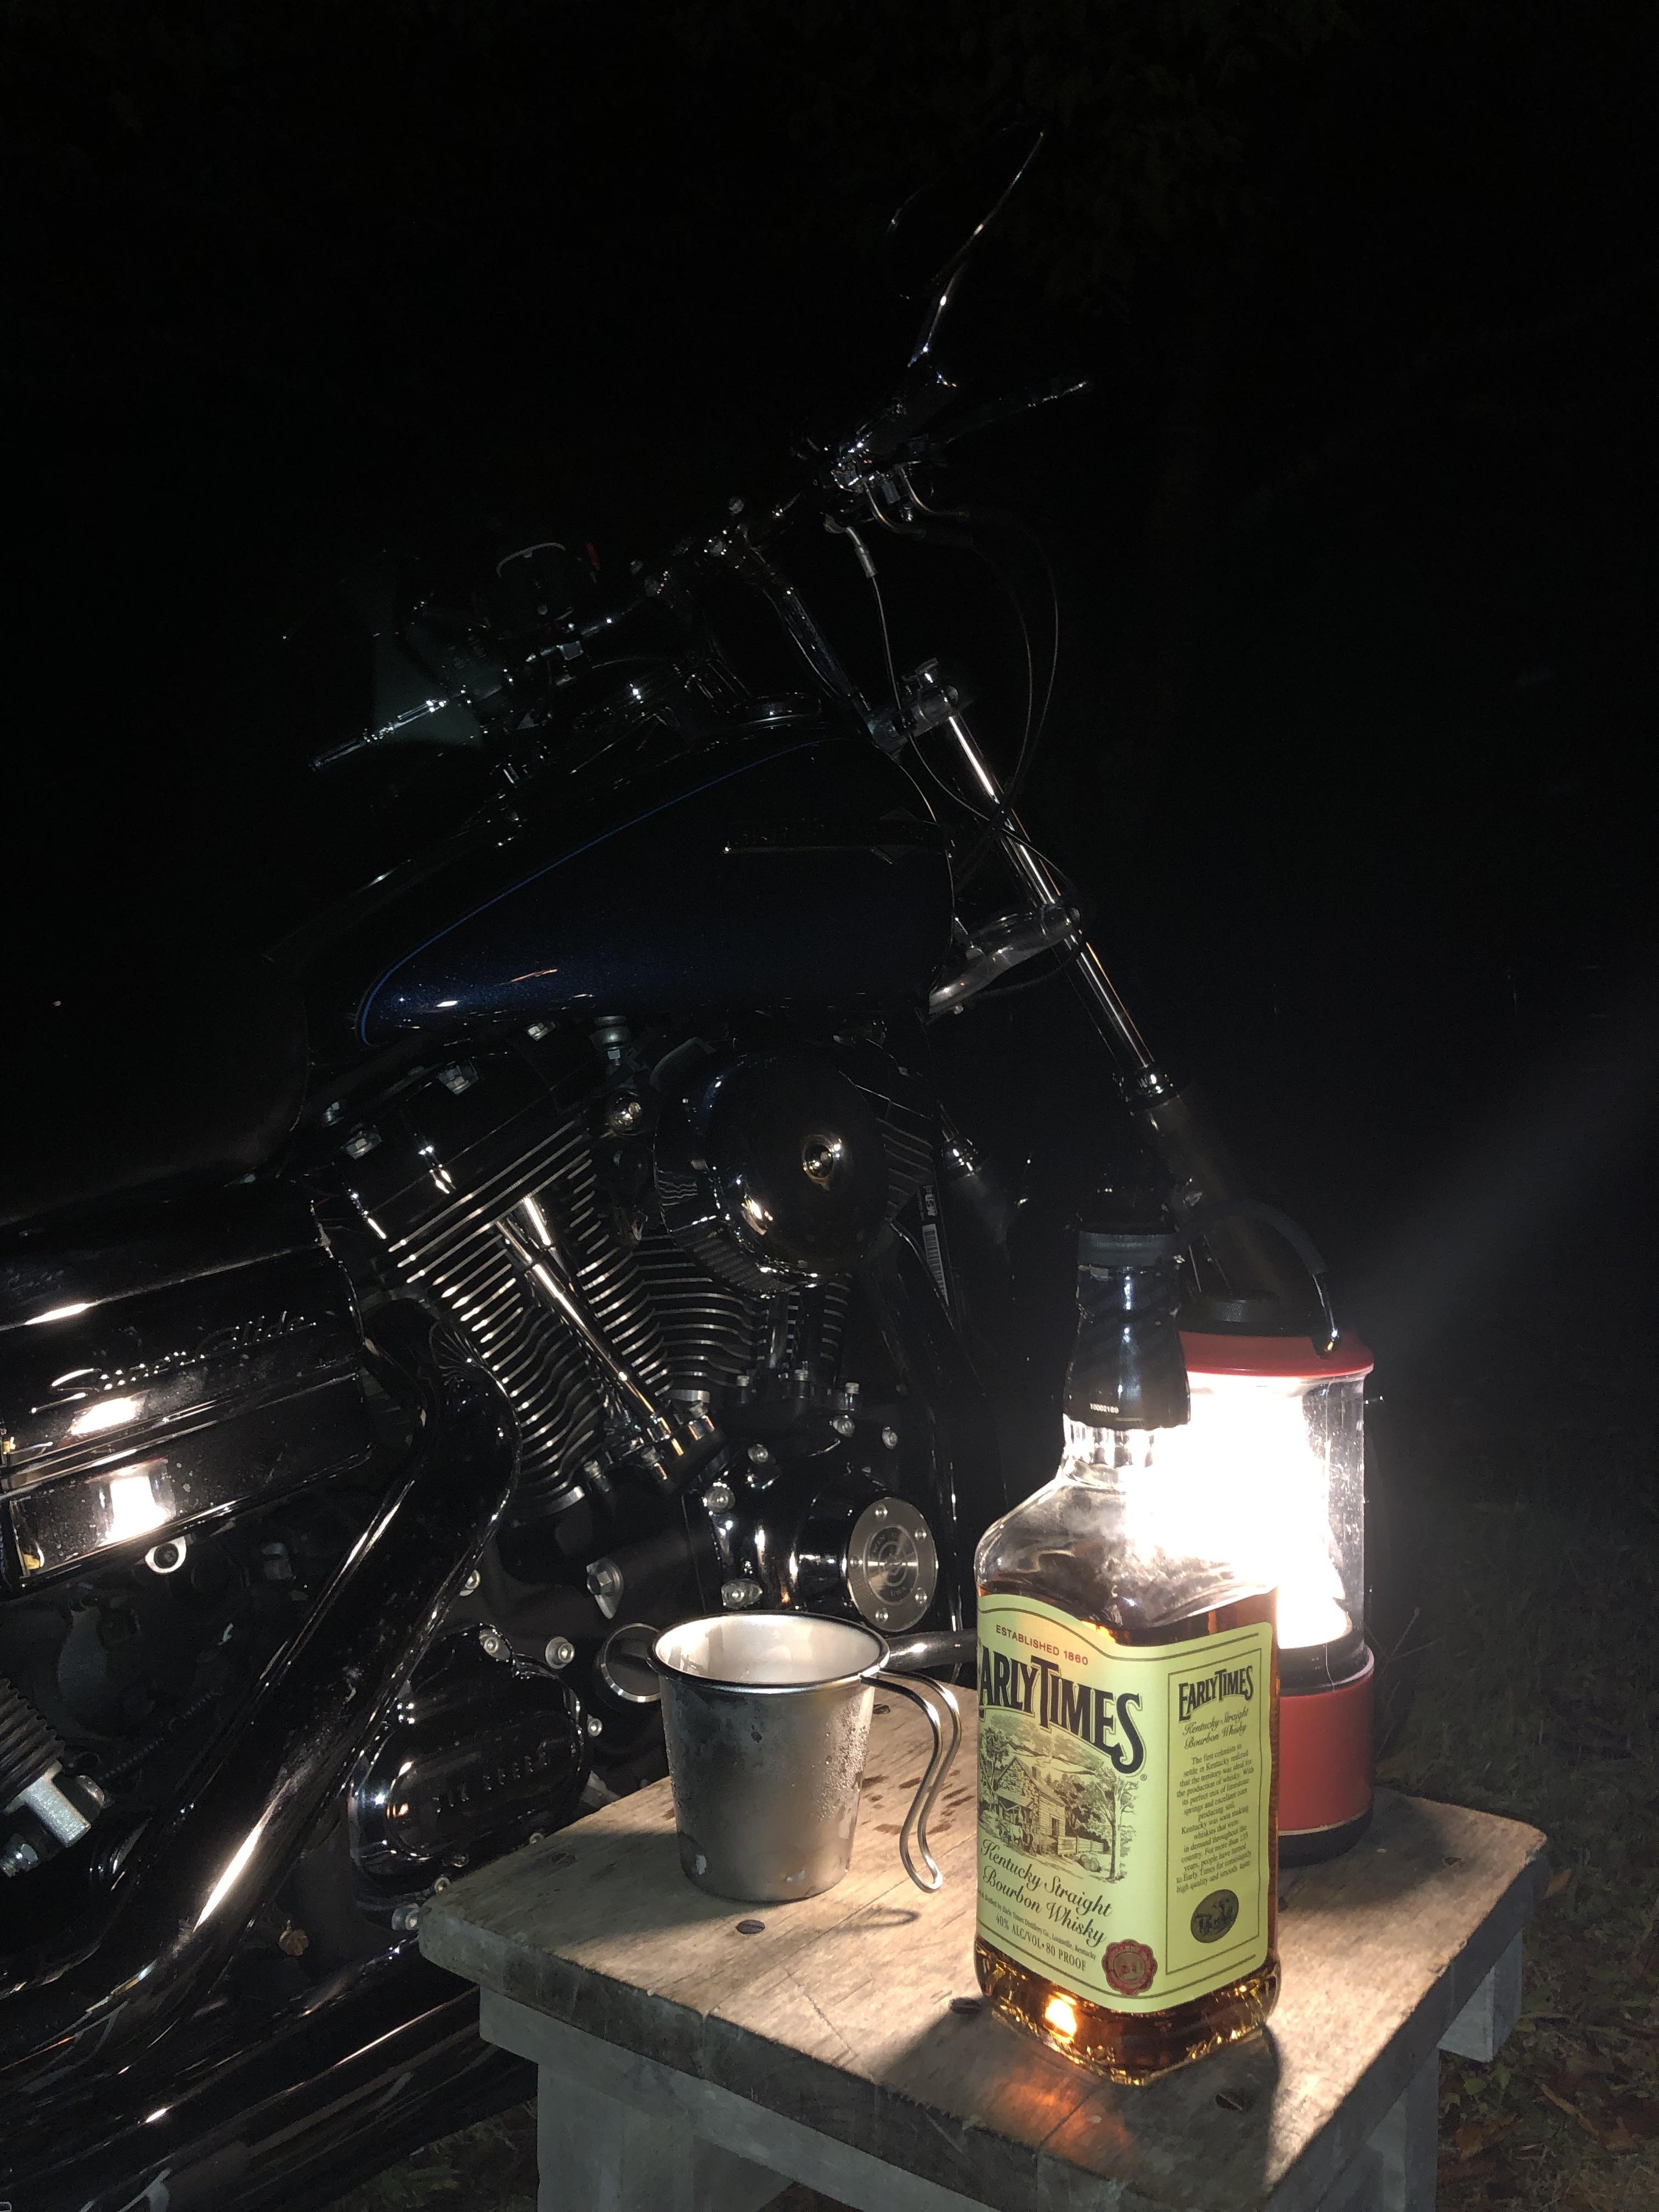 ぴーきち&ダイナ ハーレーで行く 室戸岬 ツーリング 安田川アユおどる清流キャンプ場 ウィスキー